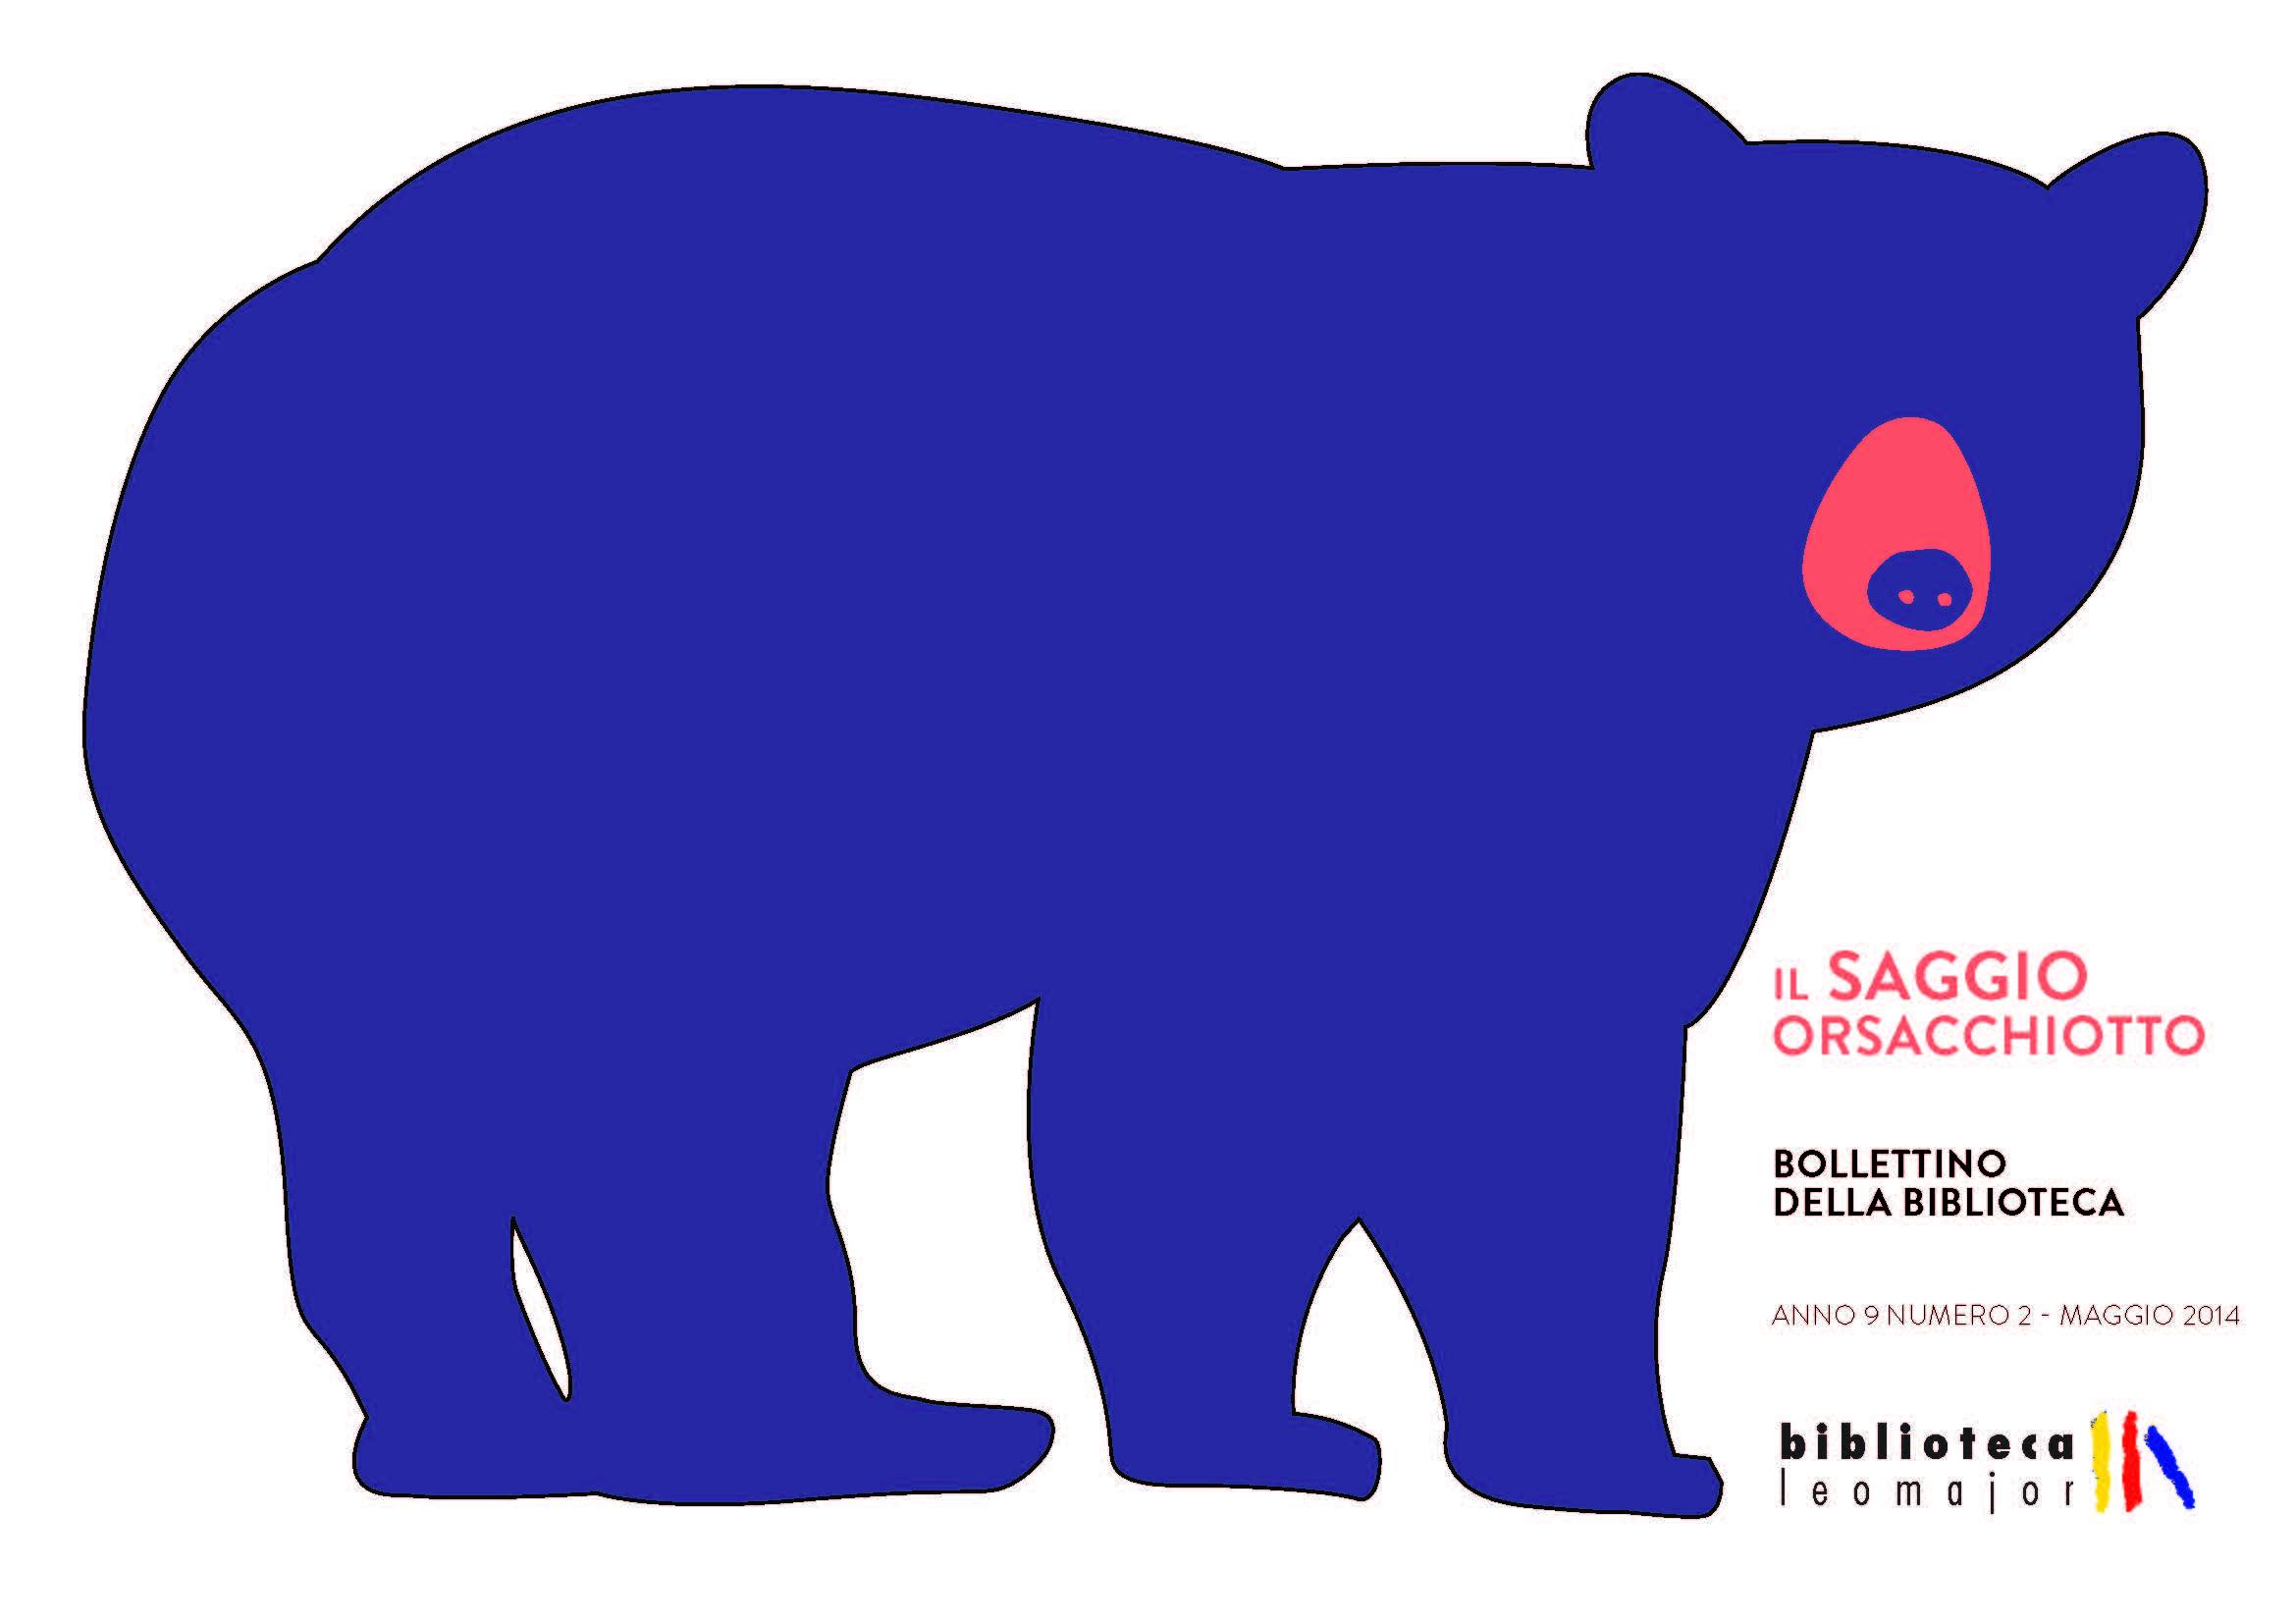 Il saggio orsacchiotto – giugno 2014